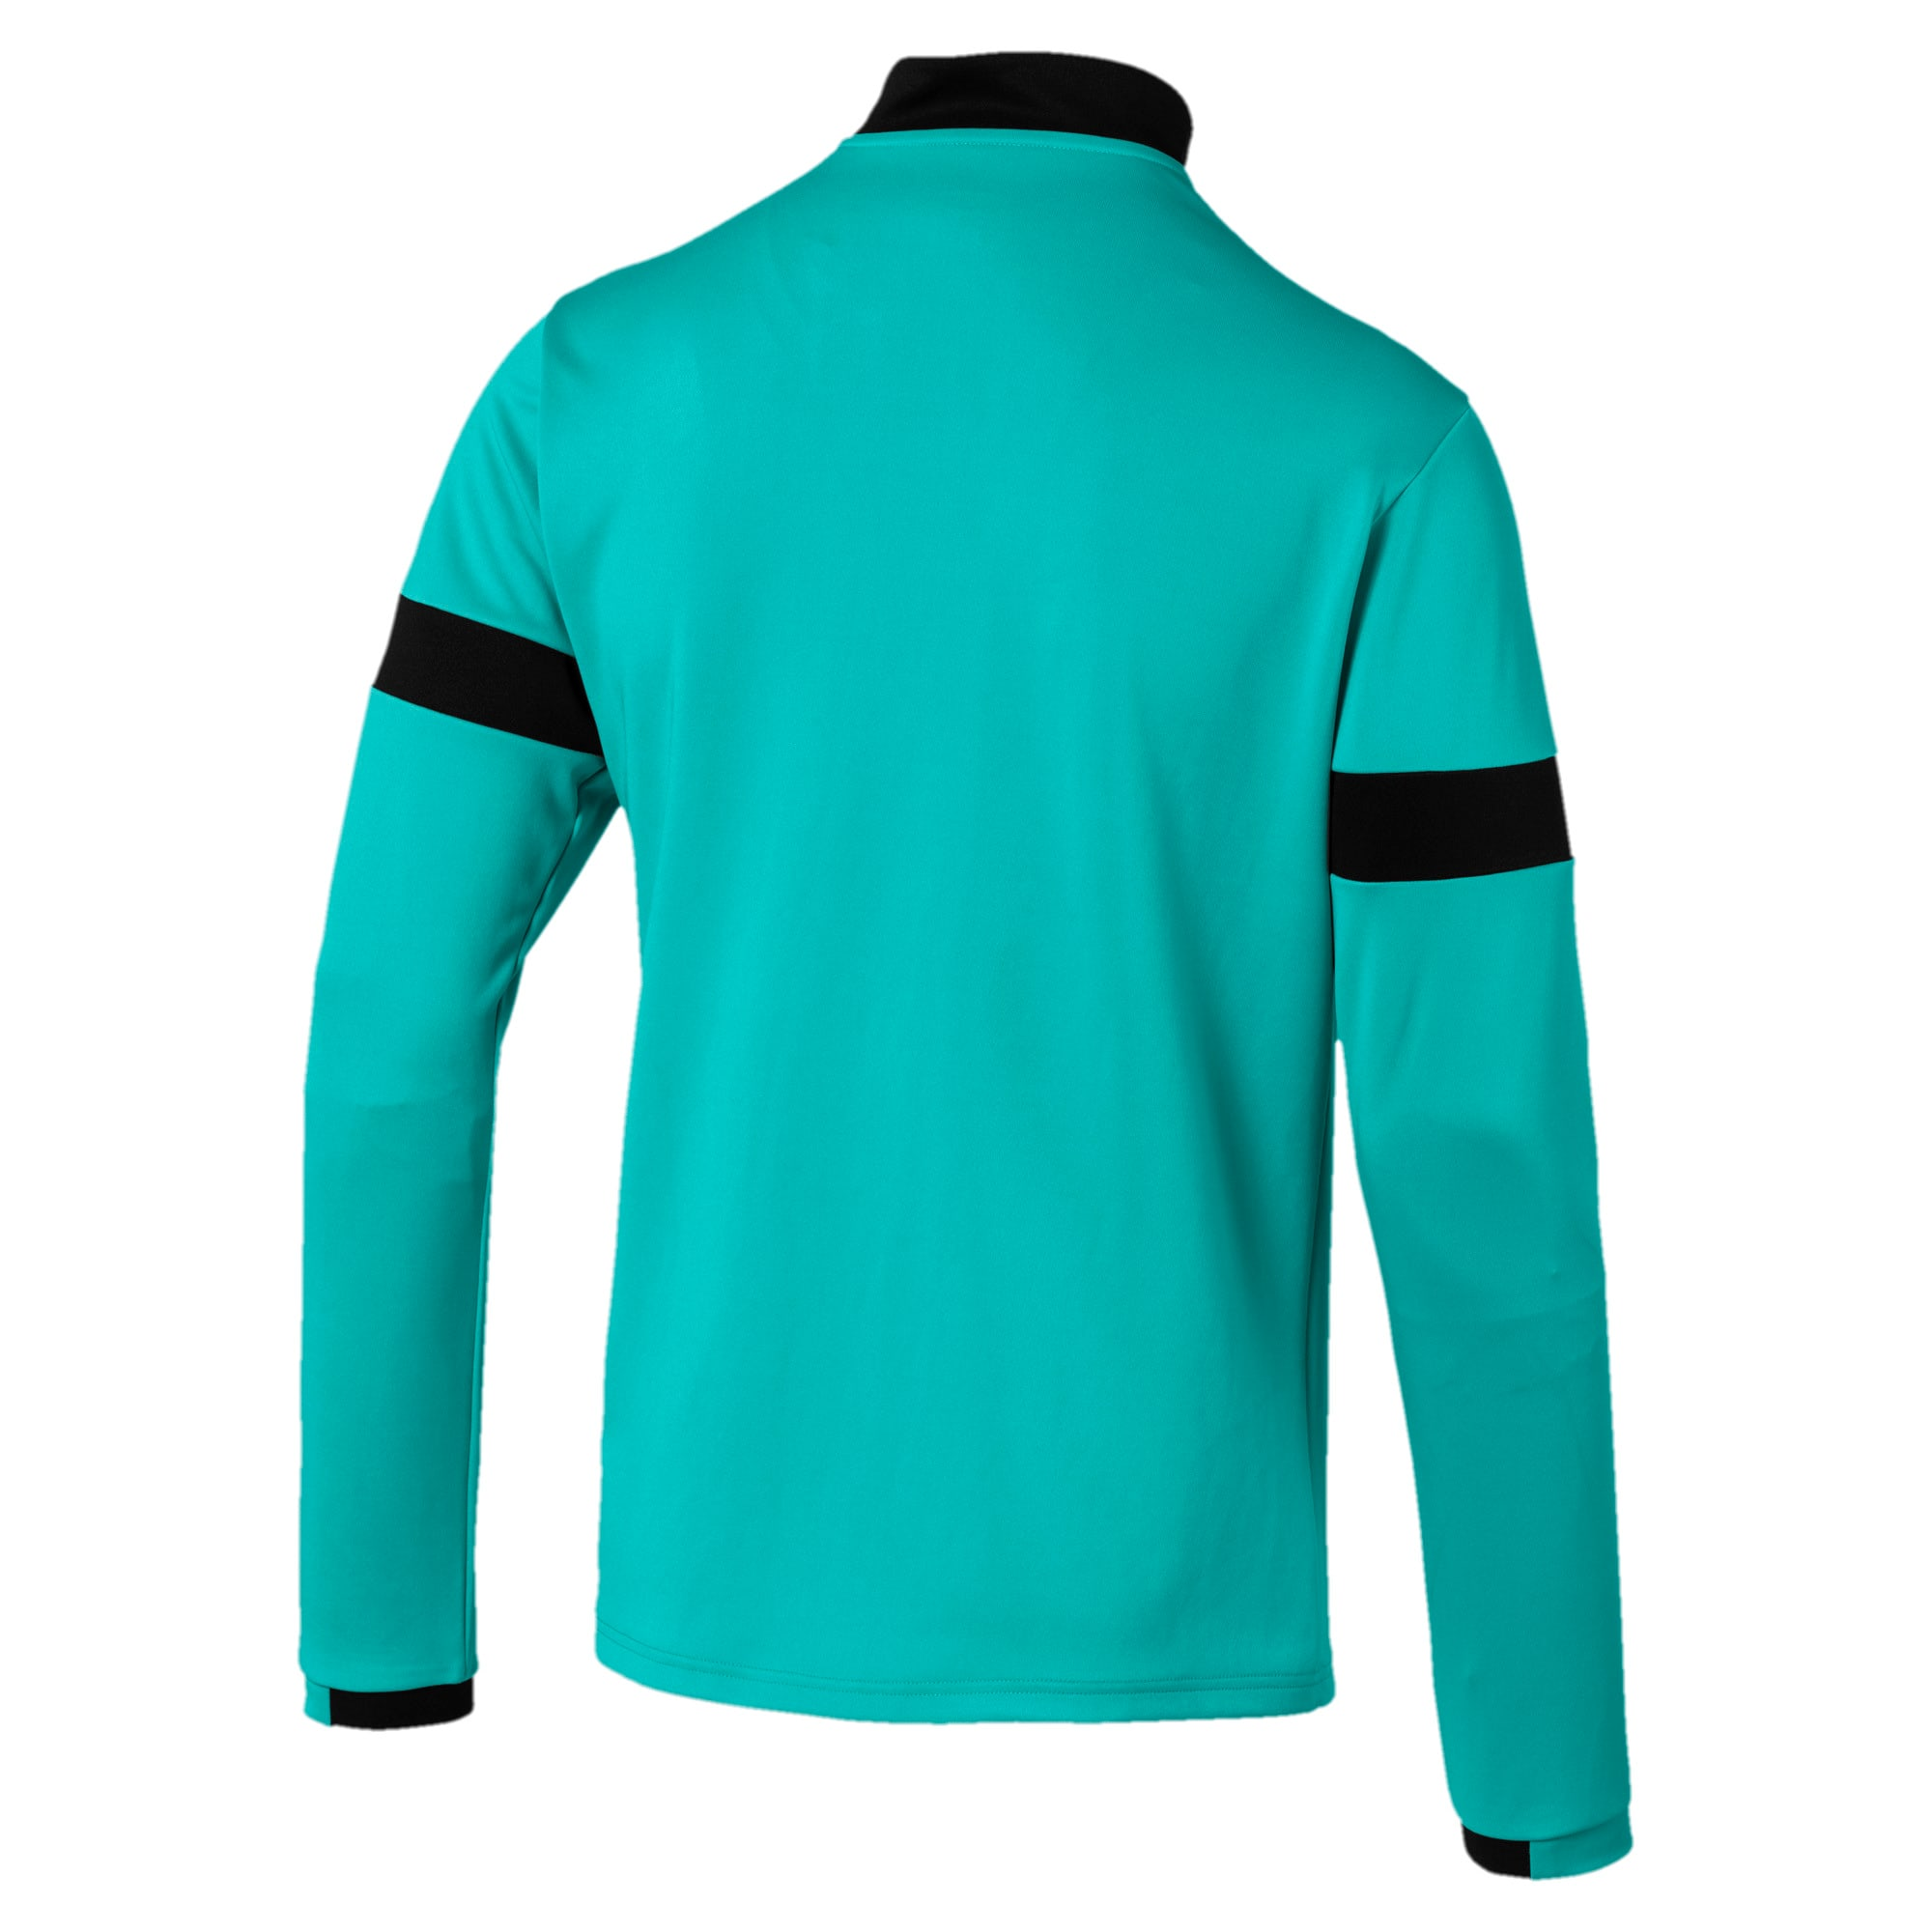 Thumbnail 5 of Trainingsjack met korte rits voor heren, Blue Turquoise-Puma Black, medium